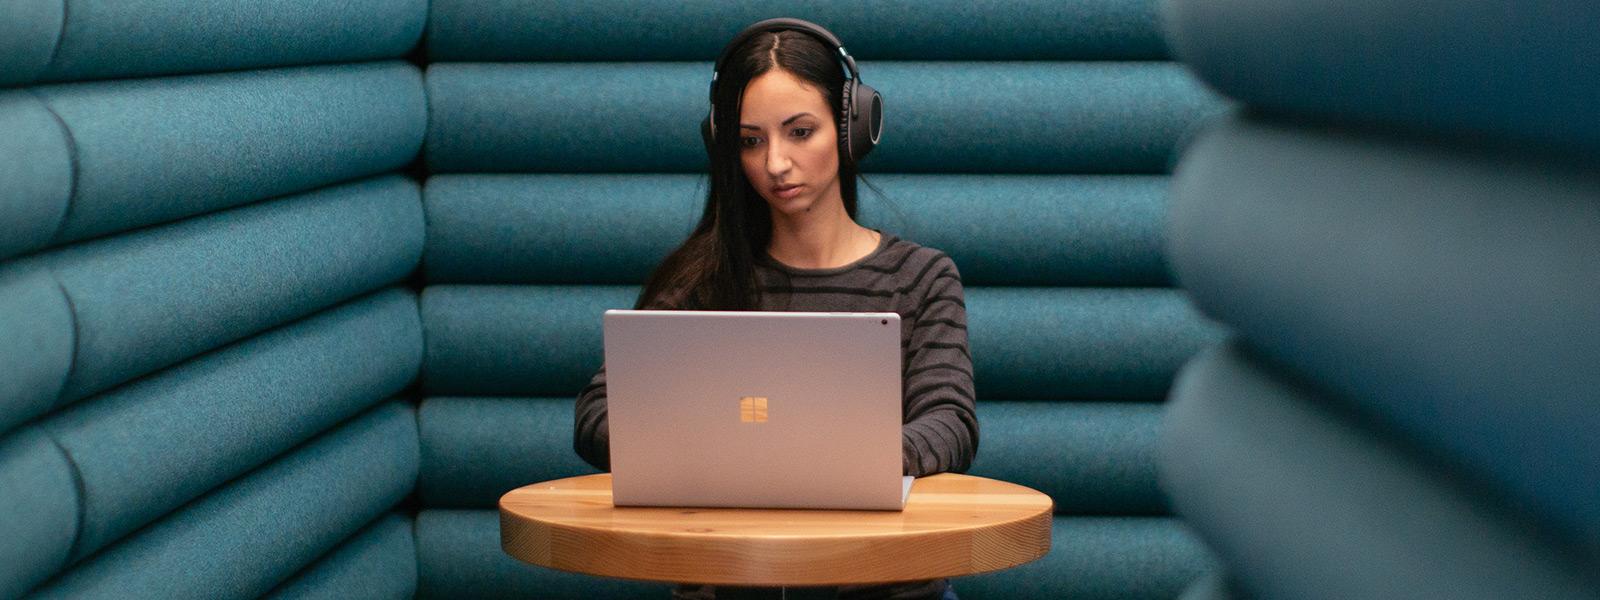 Egy nő csendben, egyedül ül, a fején fejhallgató, miközben Windows 10-es számítógépén dolgozik